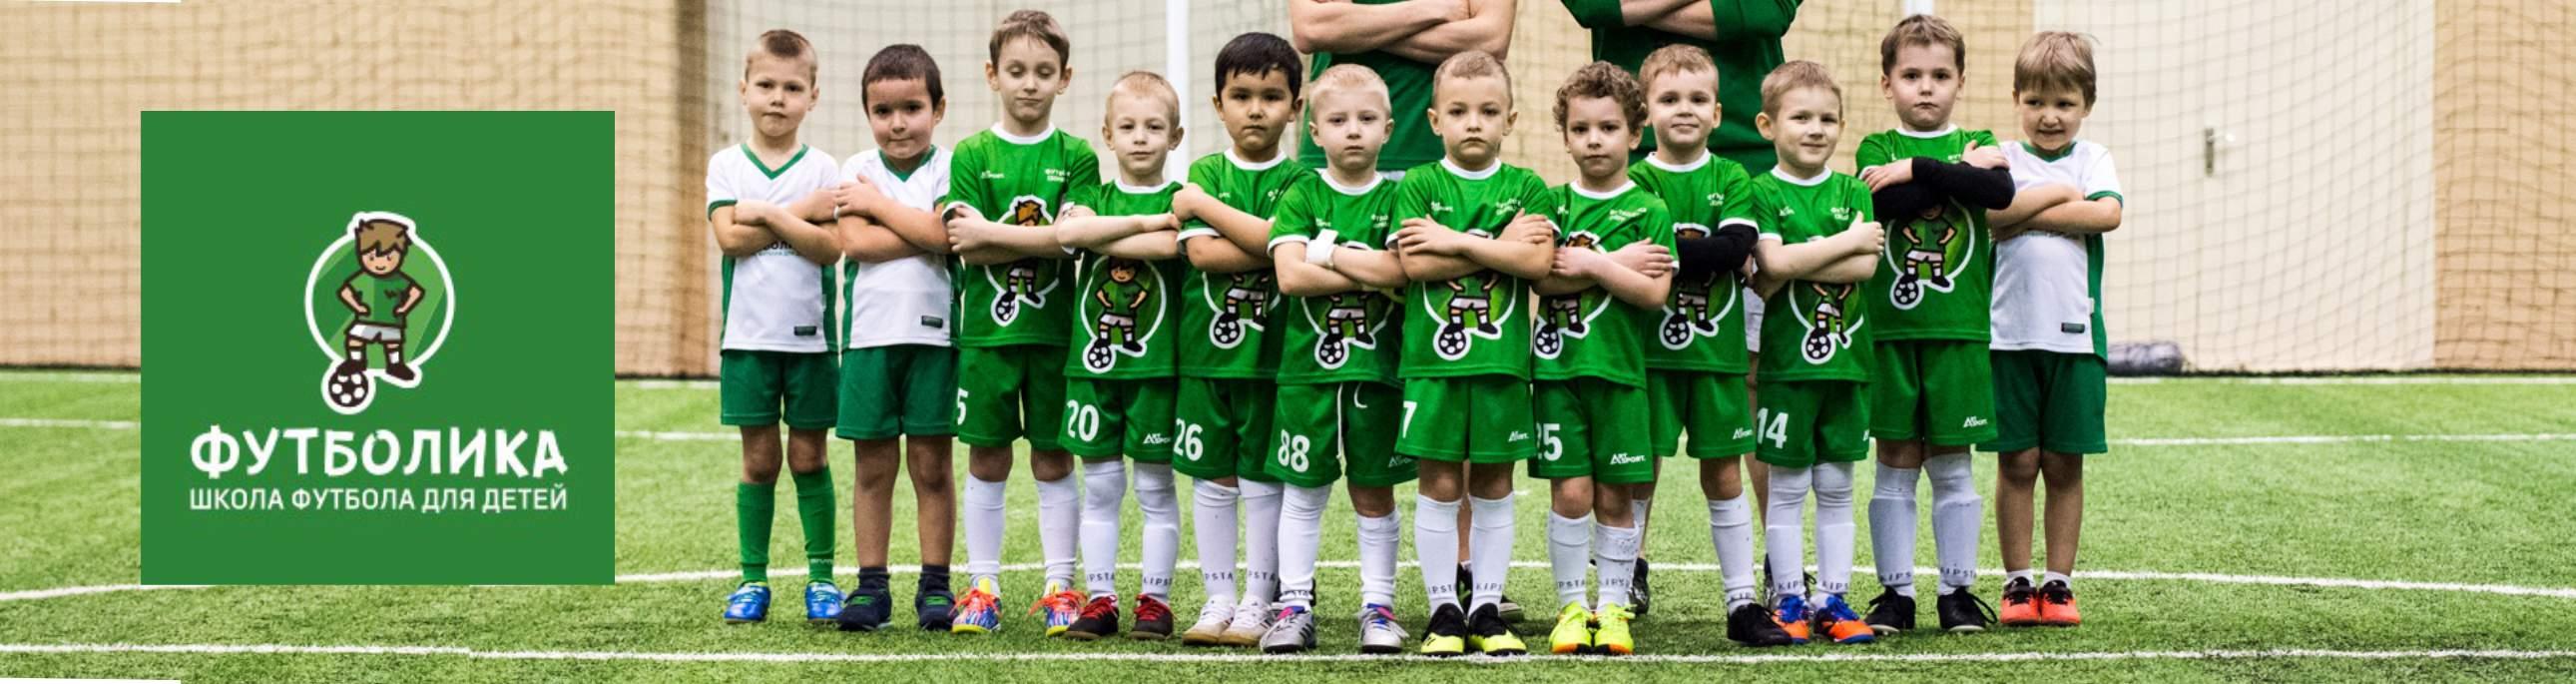 Футболика – детская футбольная школа в Санкт-Петербурге в ТК ЭКОПОЛИС premium